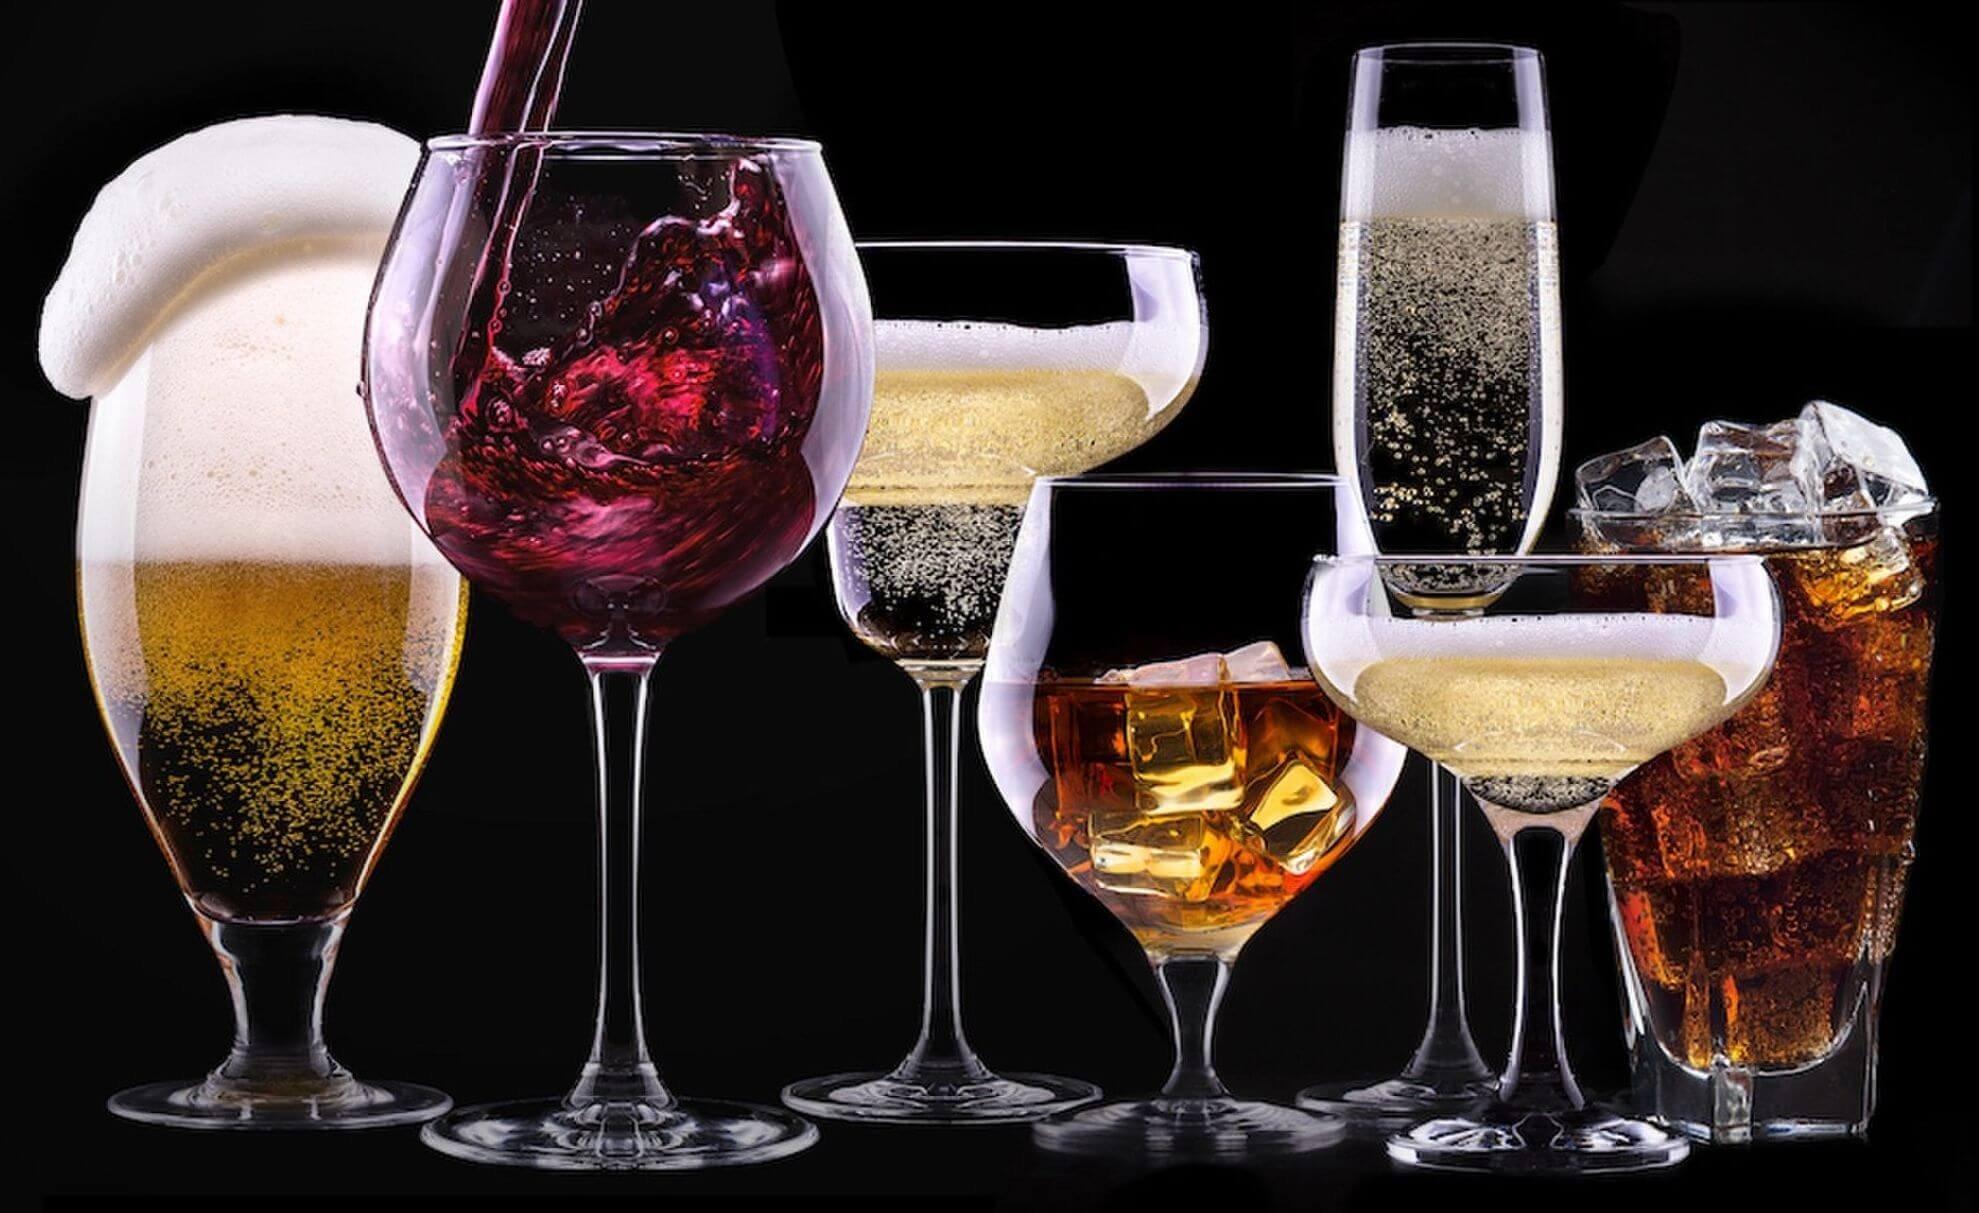 Алкогольный напиток, который действует на организм, как парацетамол - today.ua